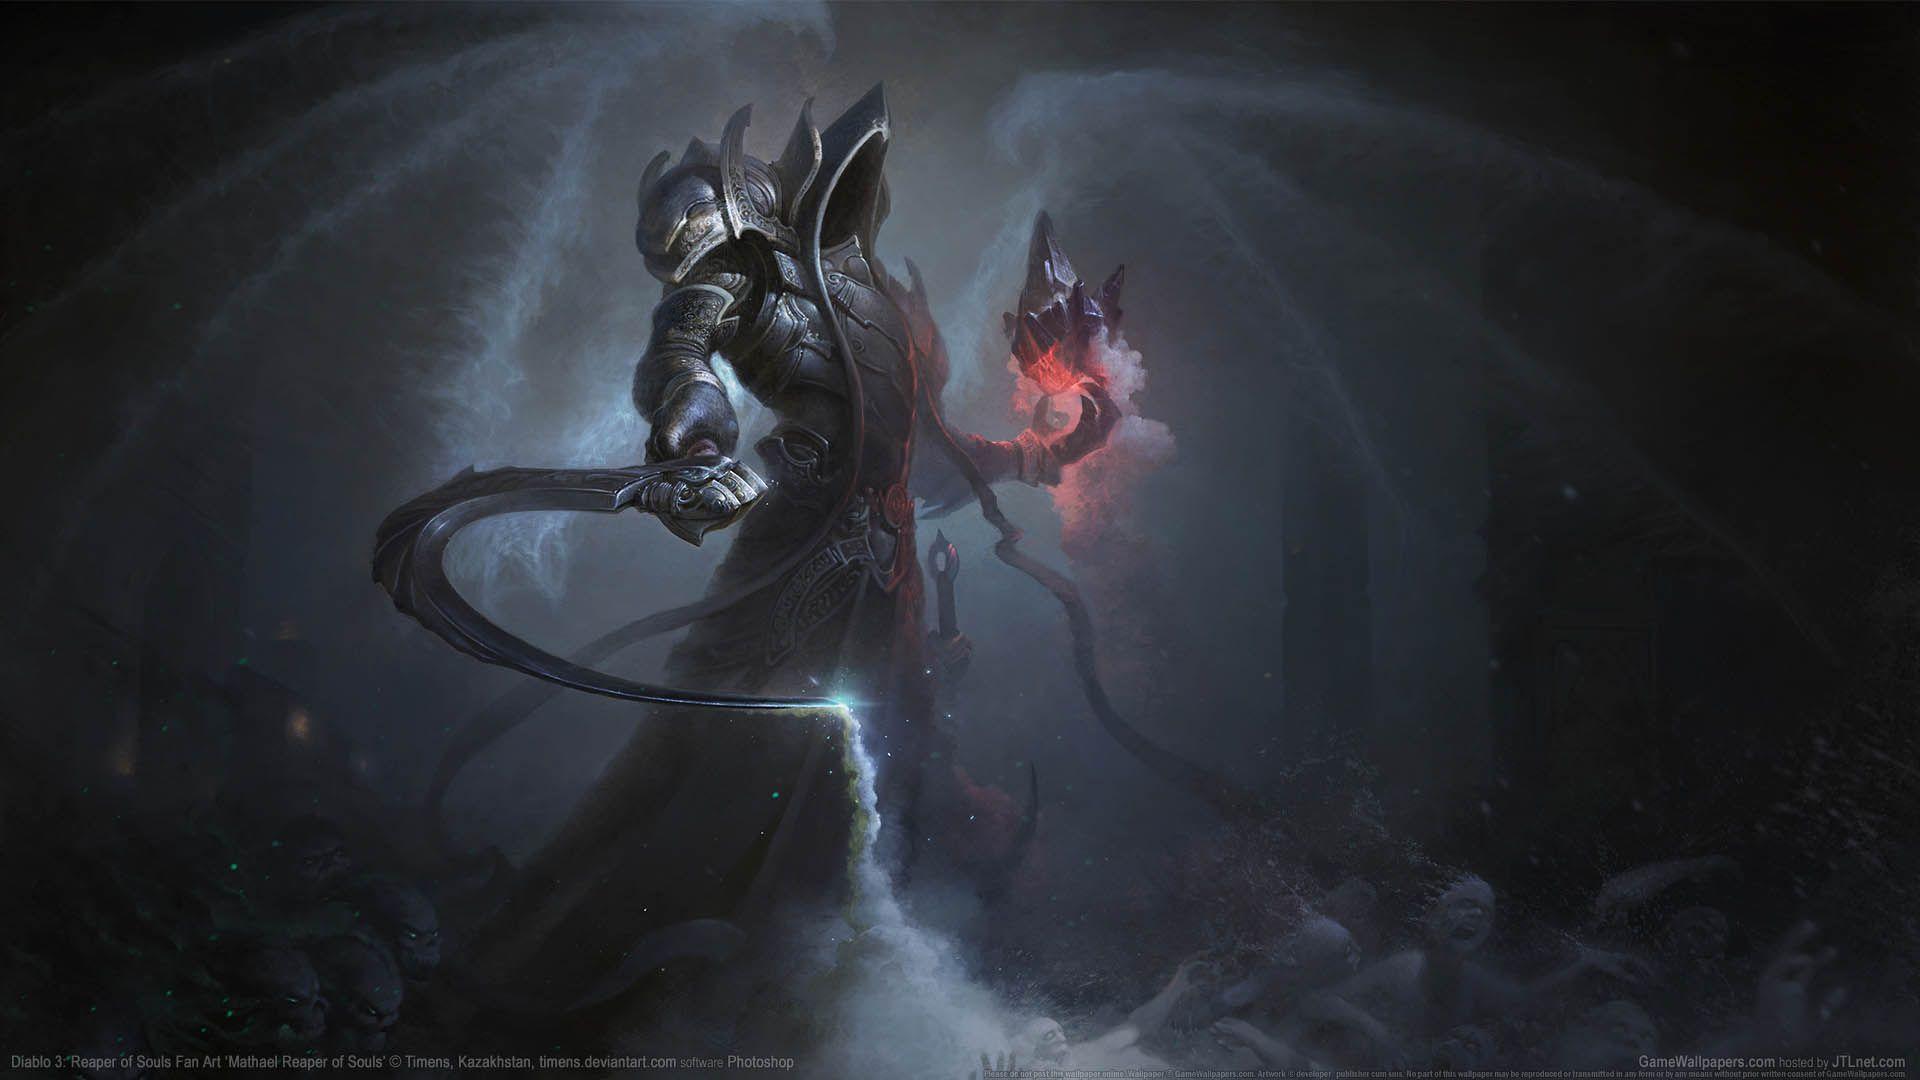 Diablo 3: Reaper of Souls Fan Art wallpaper 11 1920x1080